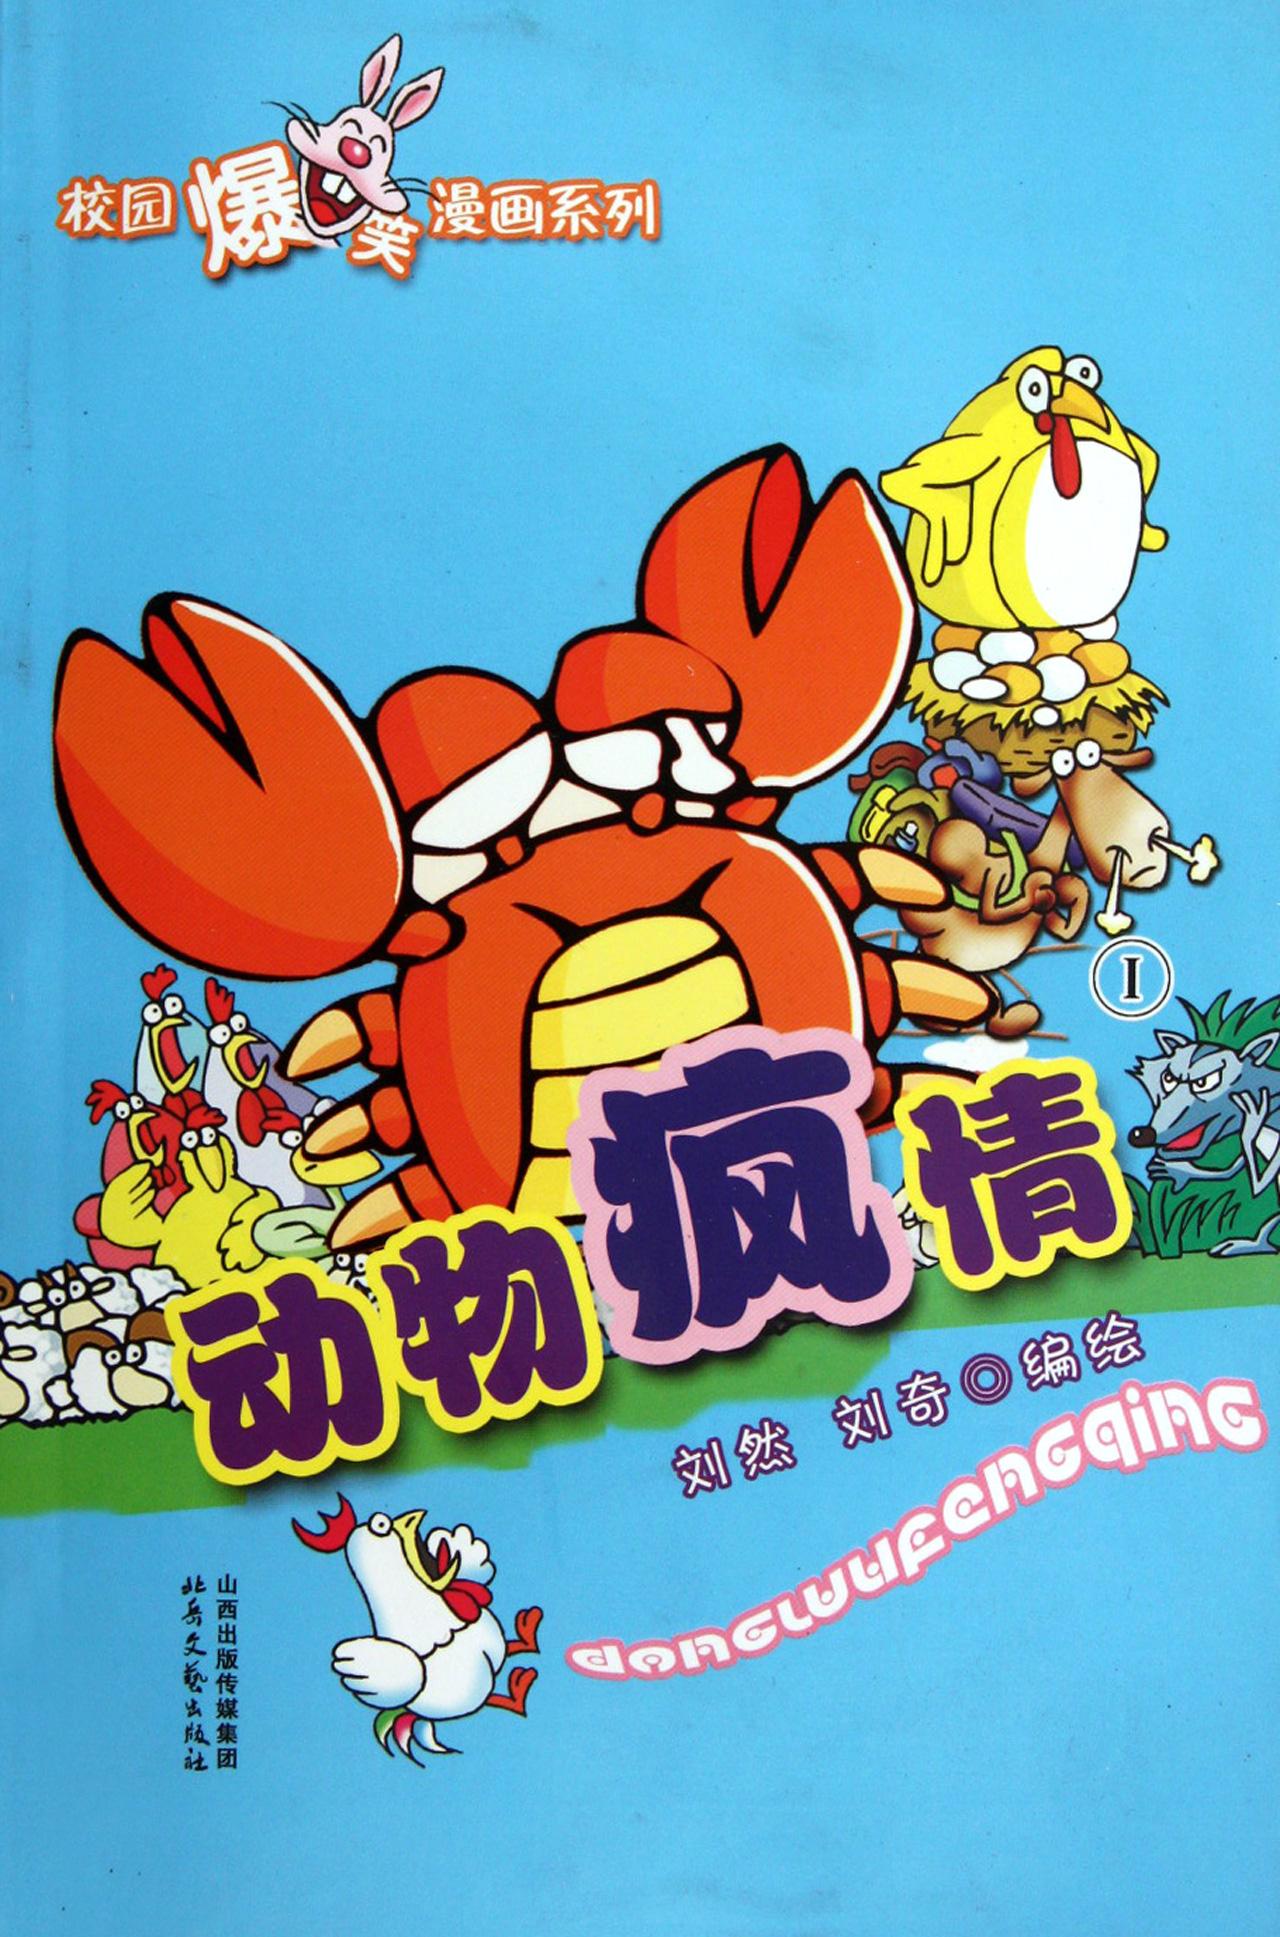 动物疯情(Ⅰ)/校园爆笑漫画系列 ; 校园爆笑漫画系列:动物疯情